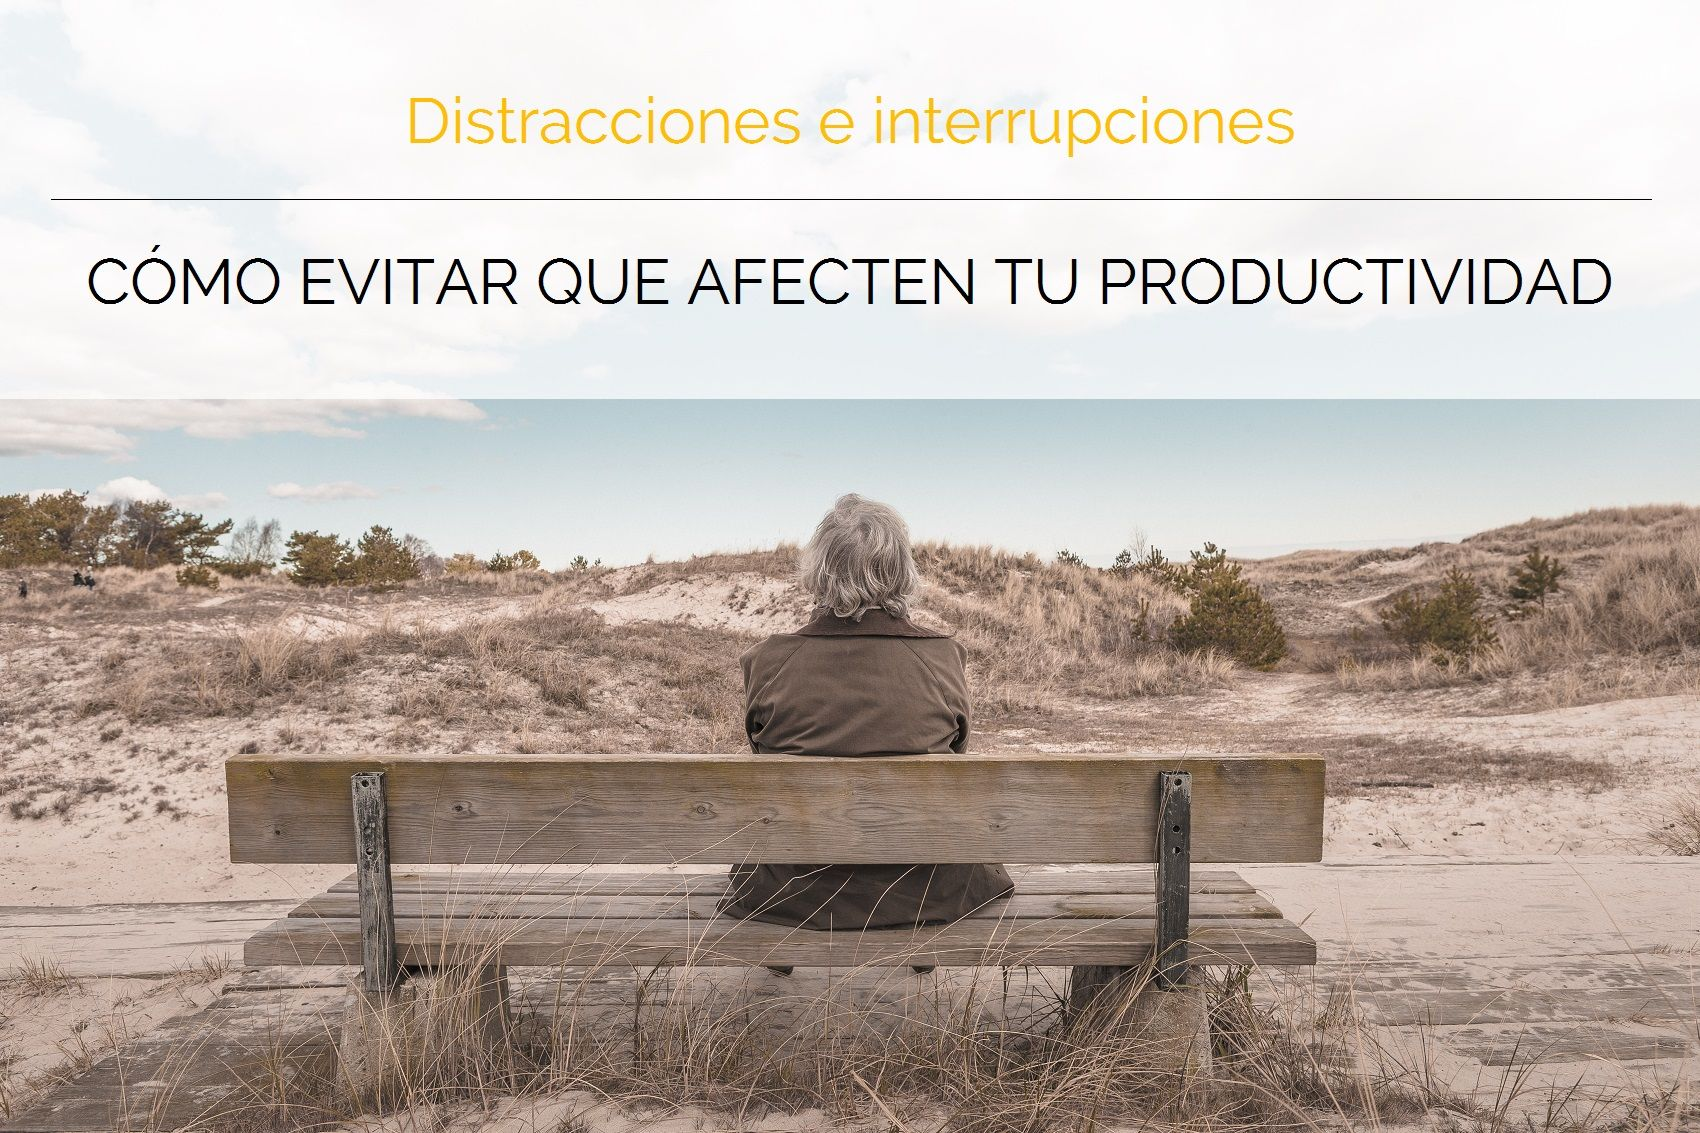 Pequeños gestos que evitarán que distracciones e interrupciones pongan en jaque tu productividad